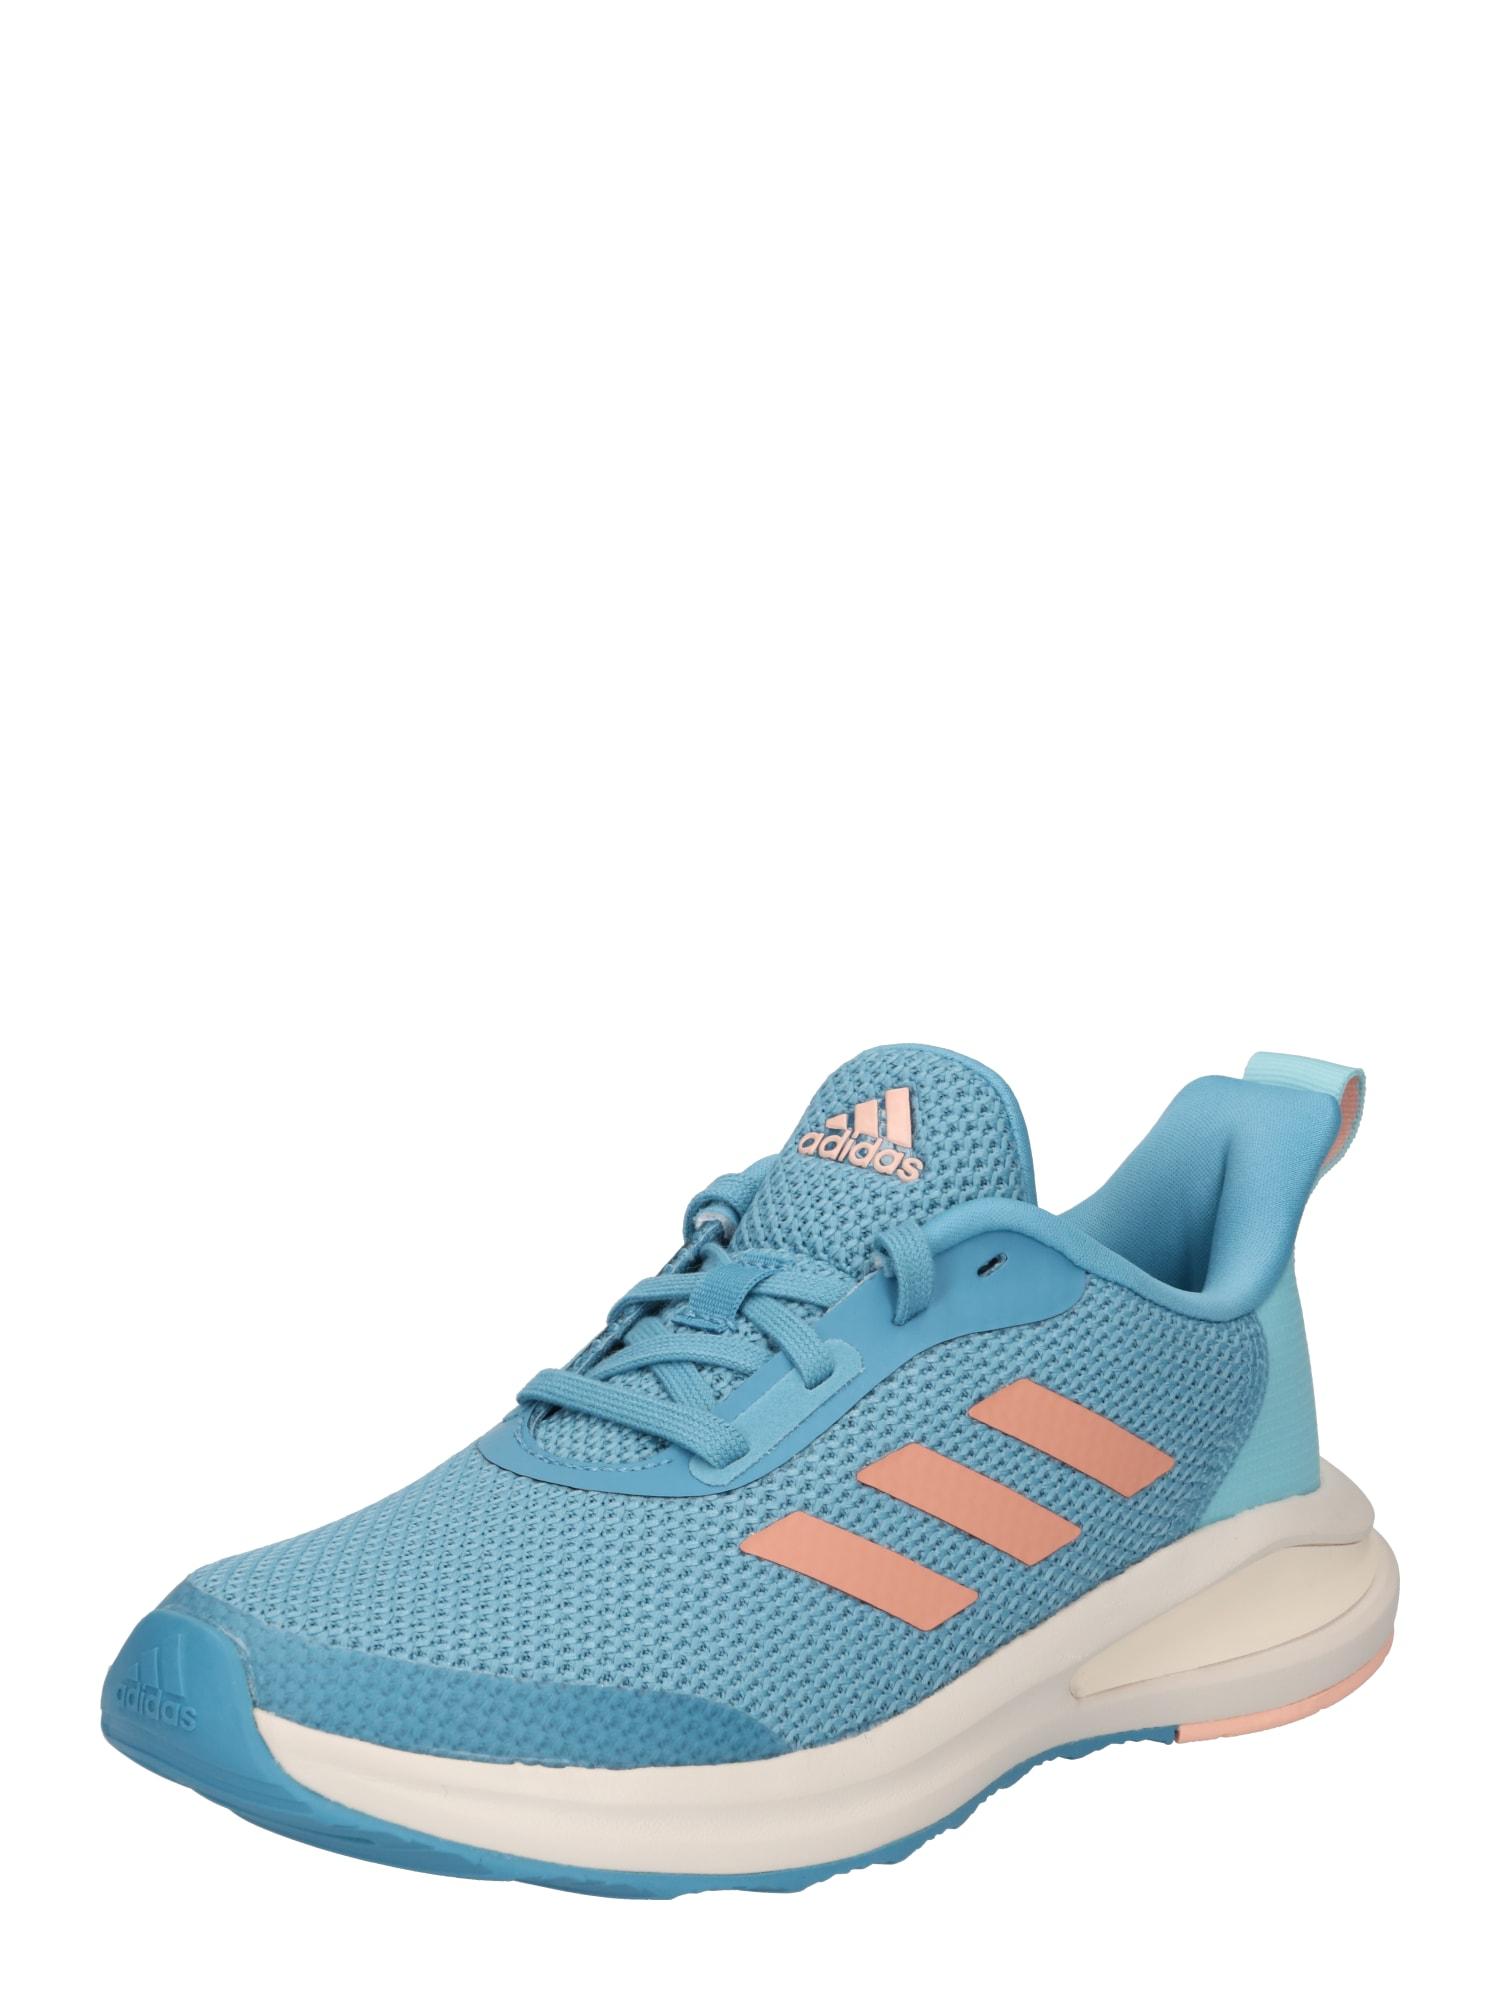 ADIDAS PERFORMANCE Sportiniai batai 'FortaRun K' mėlyna dūmų spalva